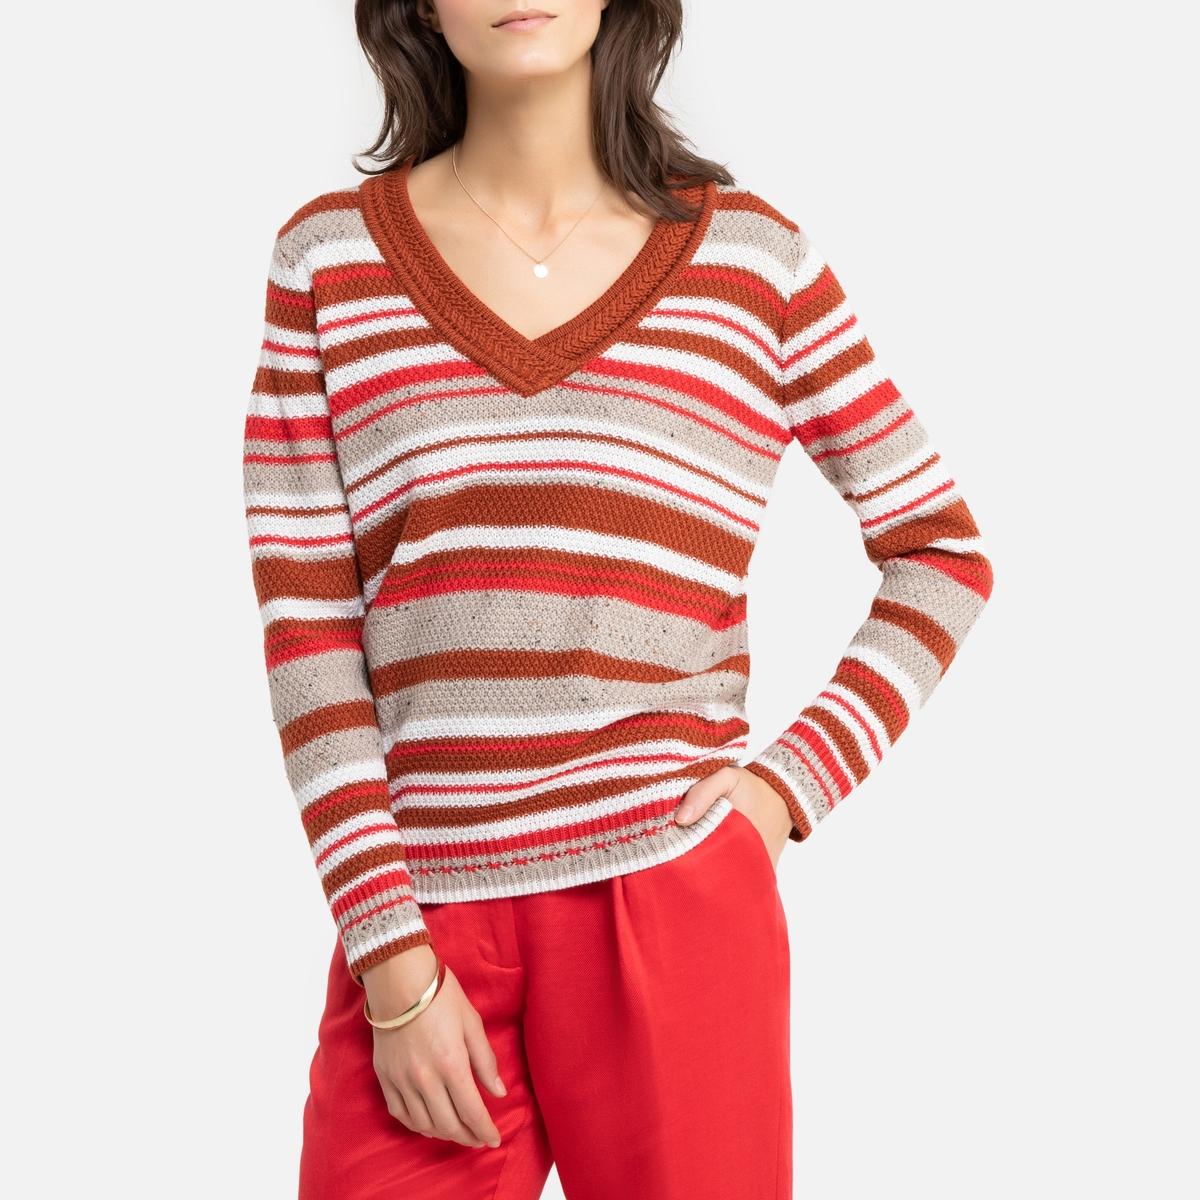 цена Пуловер La Redoute С V-образным вырезом из тонкого трикотажа 42/44 (FR) - 48/50 (RUS) другие онлайн в 2017 году